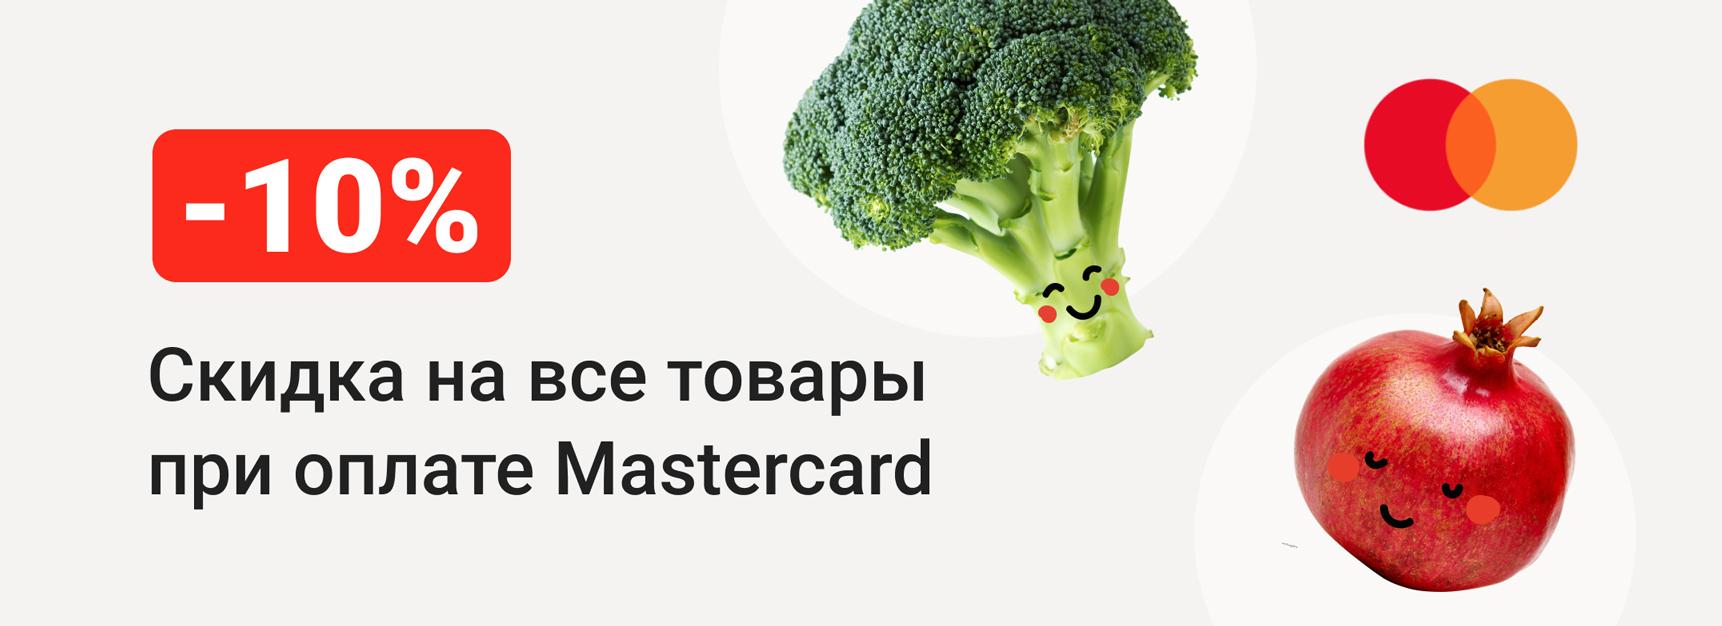 Оплачивай картами Mastercard и получай скидку!